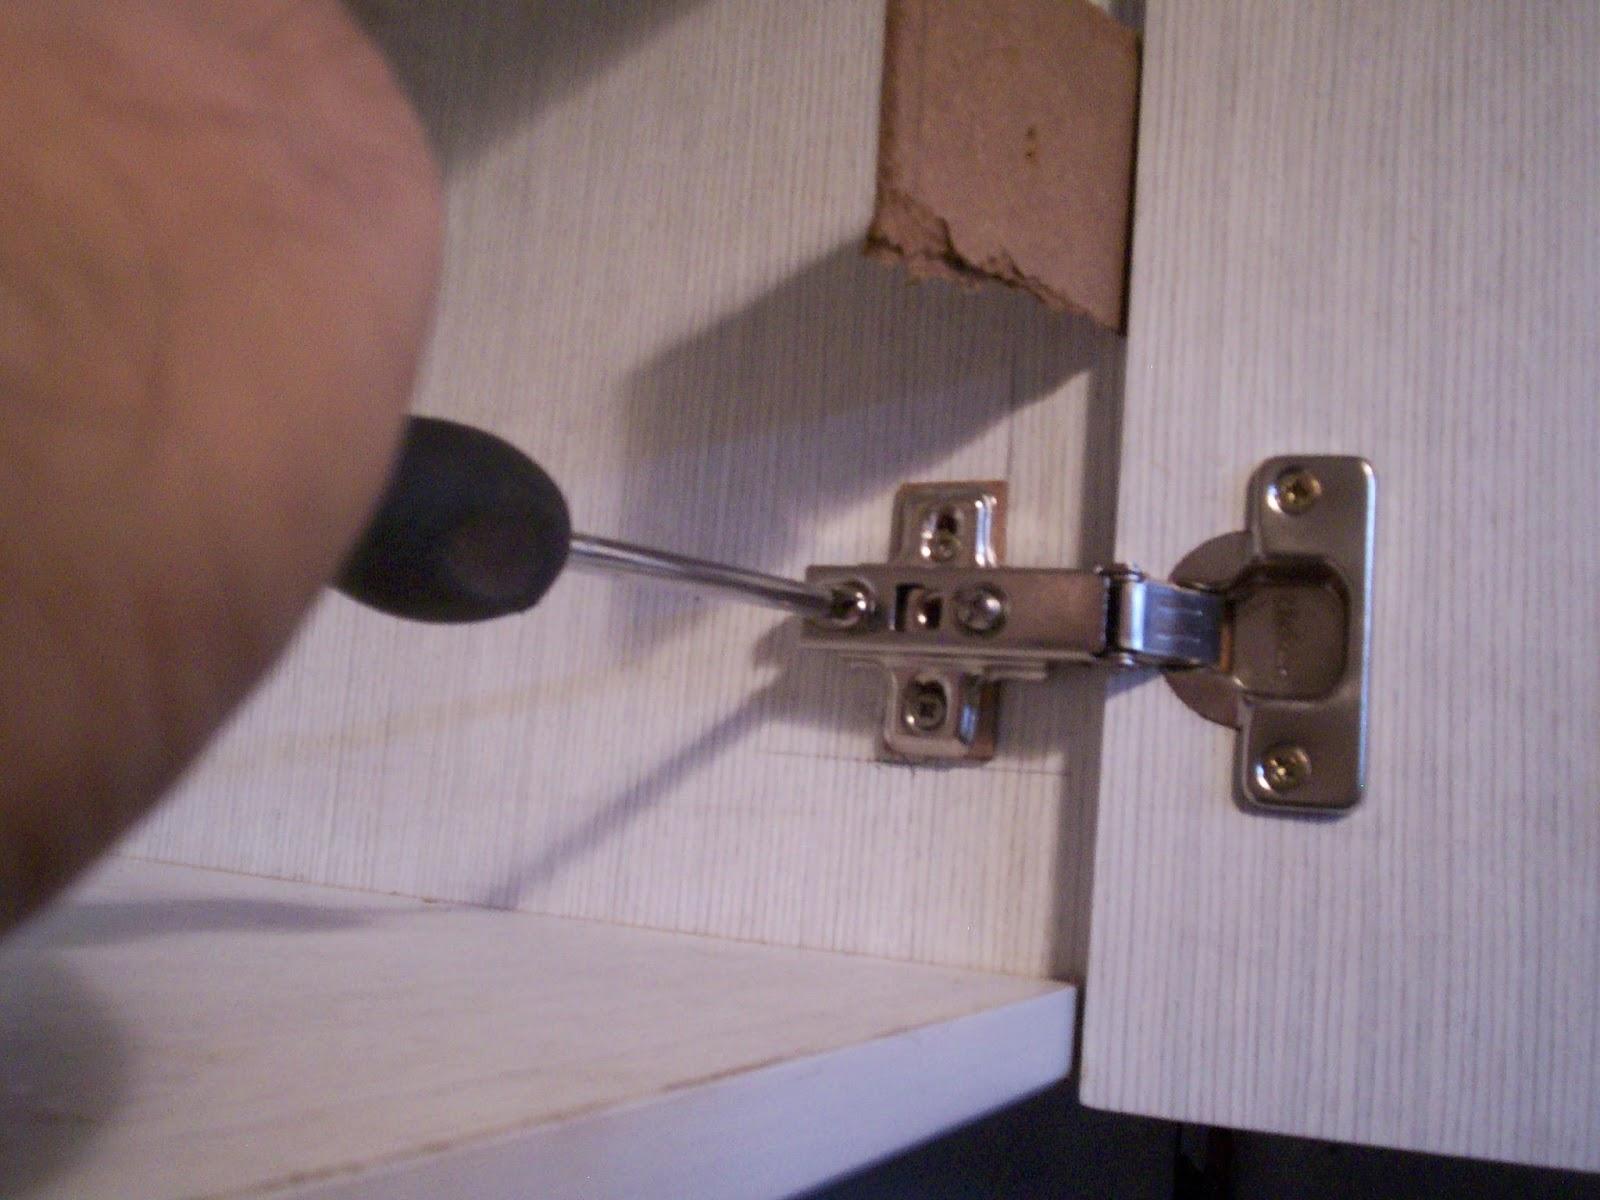 Carpintero en casa como colocar bisagras en mueble de cocina - Ajustar puertas armario ...